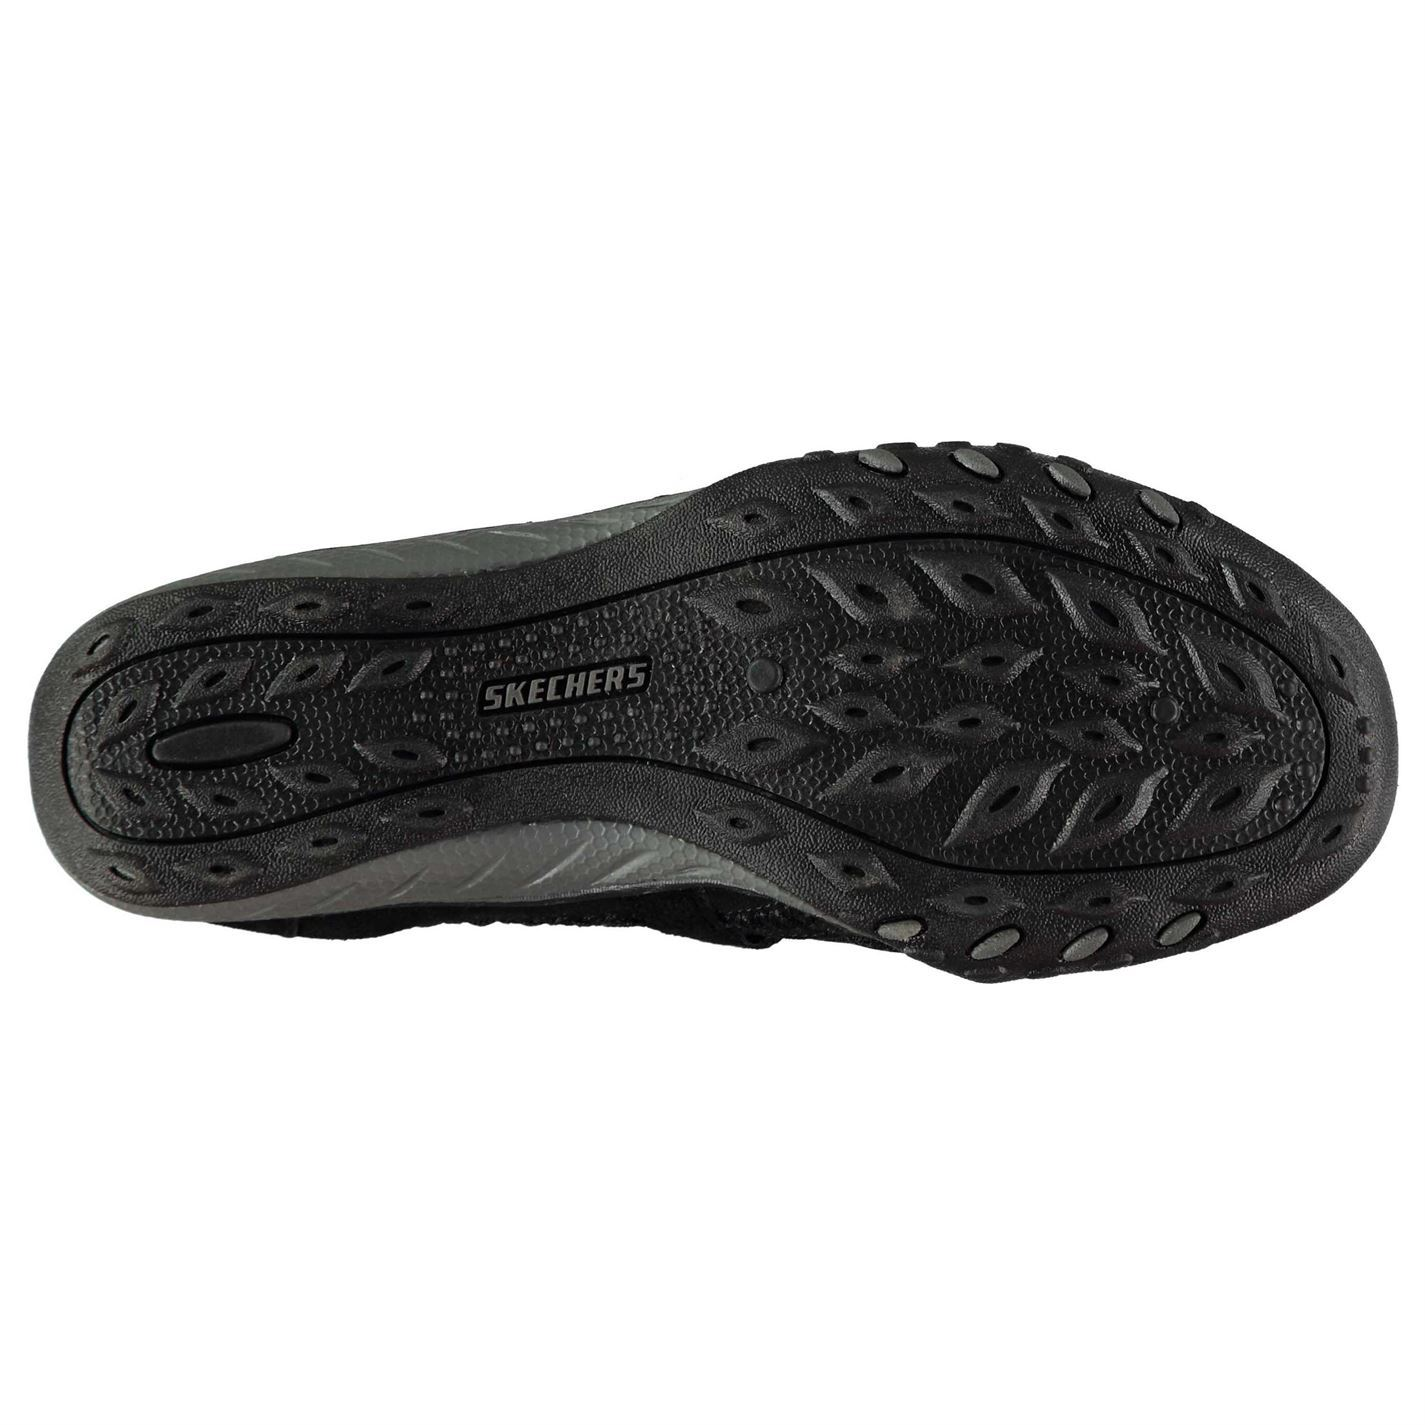 Vacante Viaje tenga en cuenta  Skechers Relaxed Fit Breathe Easy Shoes Ladies Black Womens Footwear | eBay